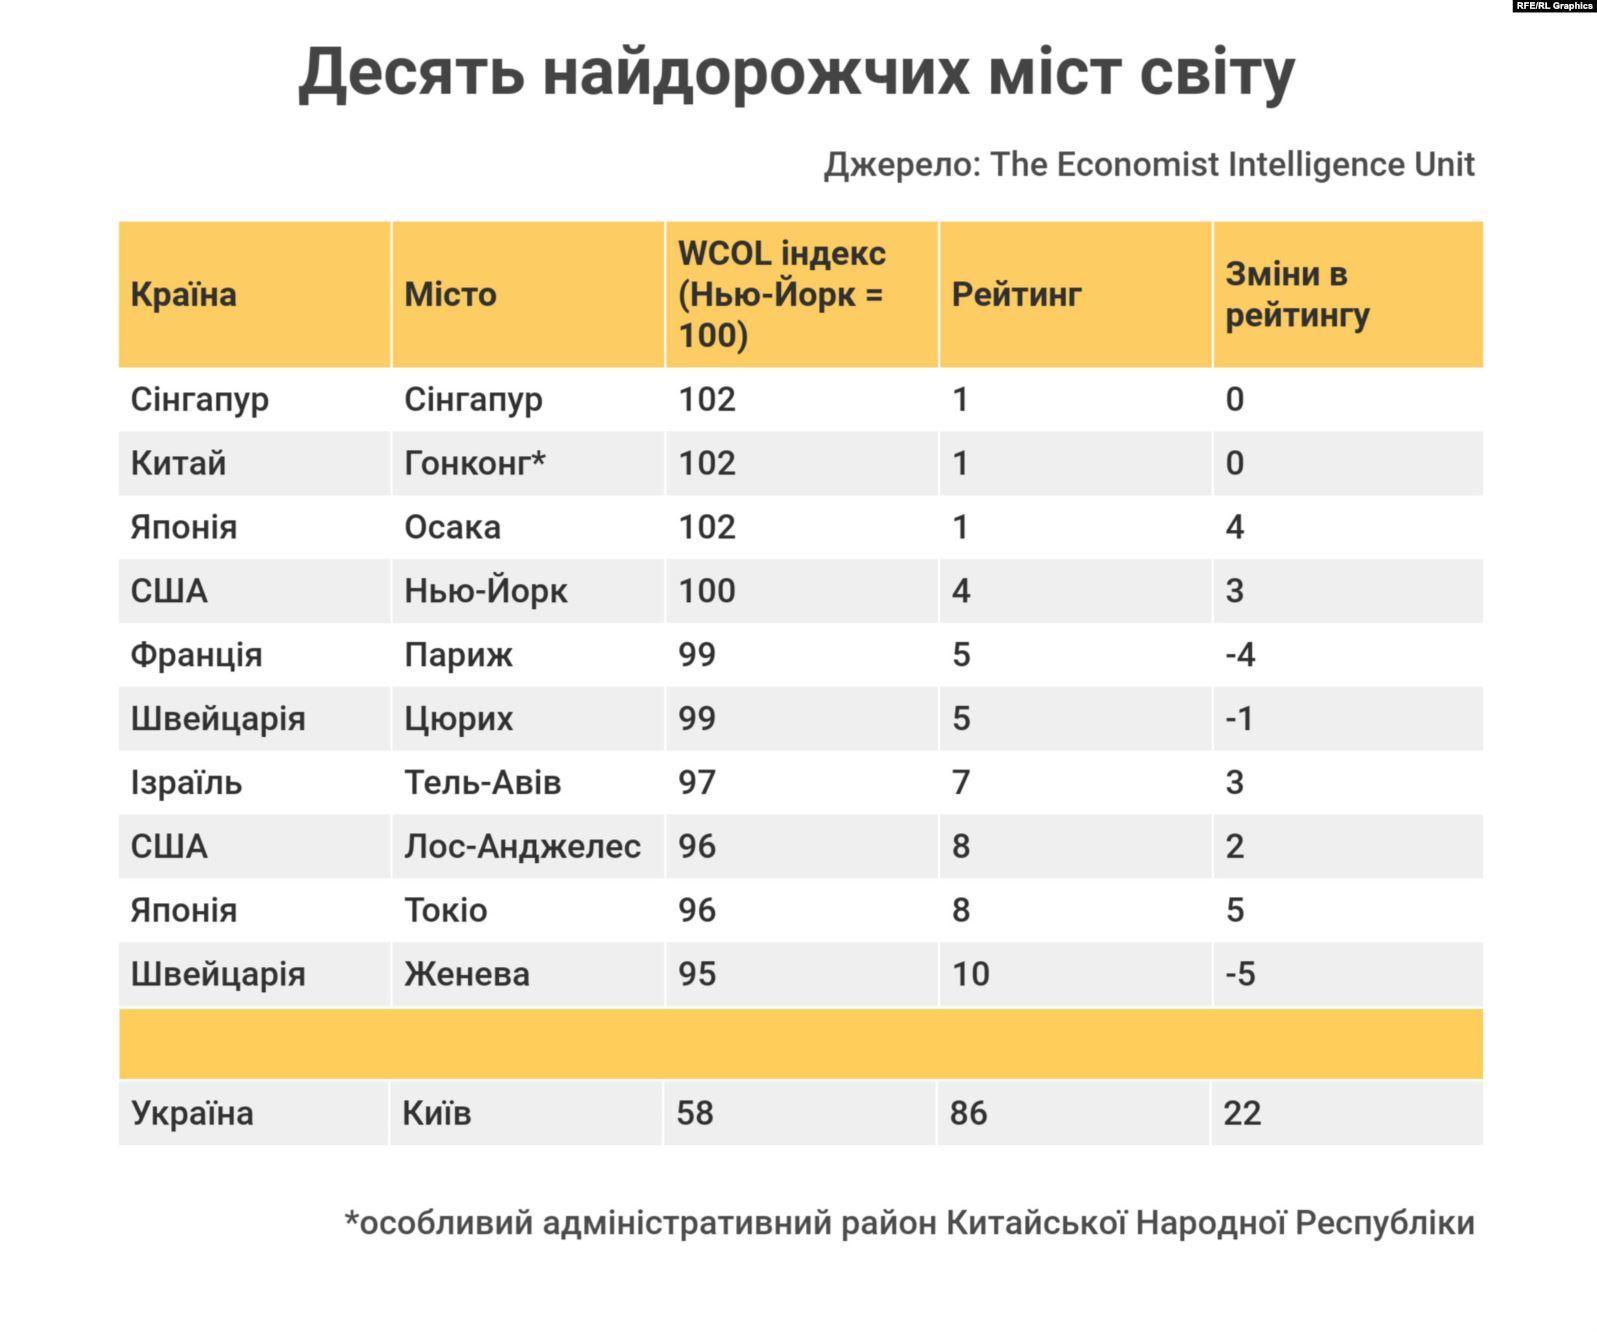 Существенно в рейтинге поднялся Стамбул - на 24 позиции